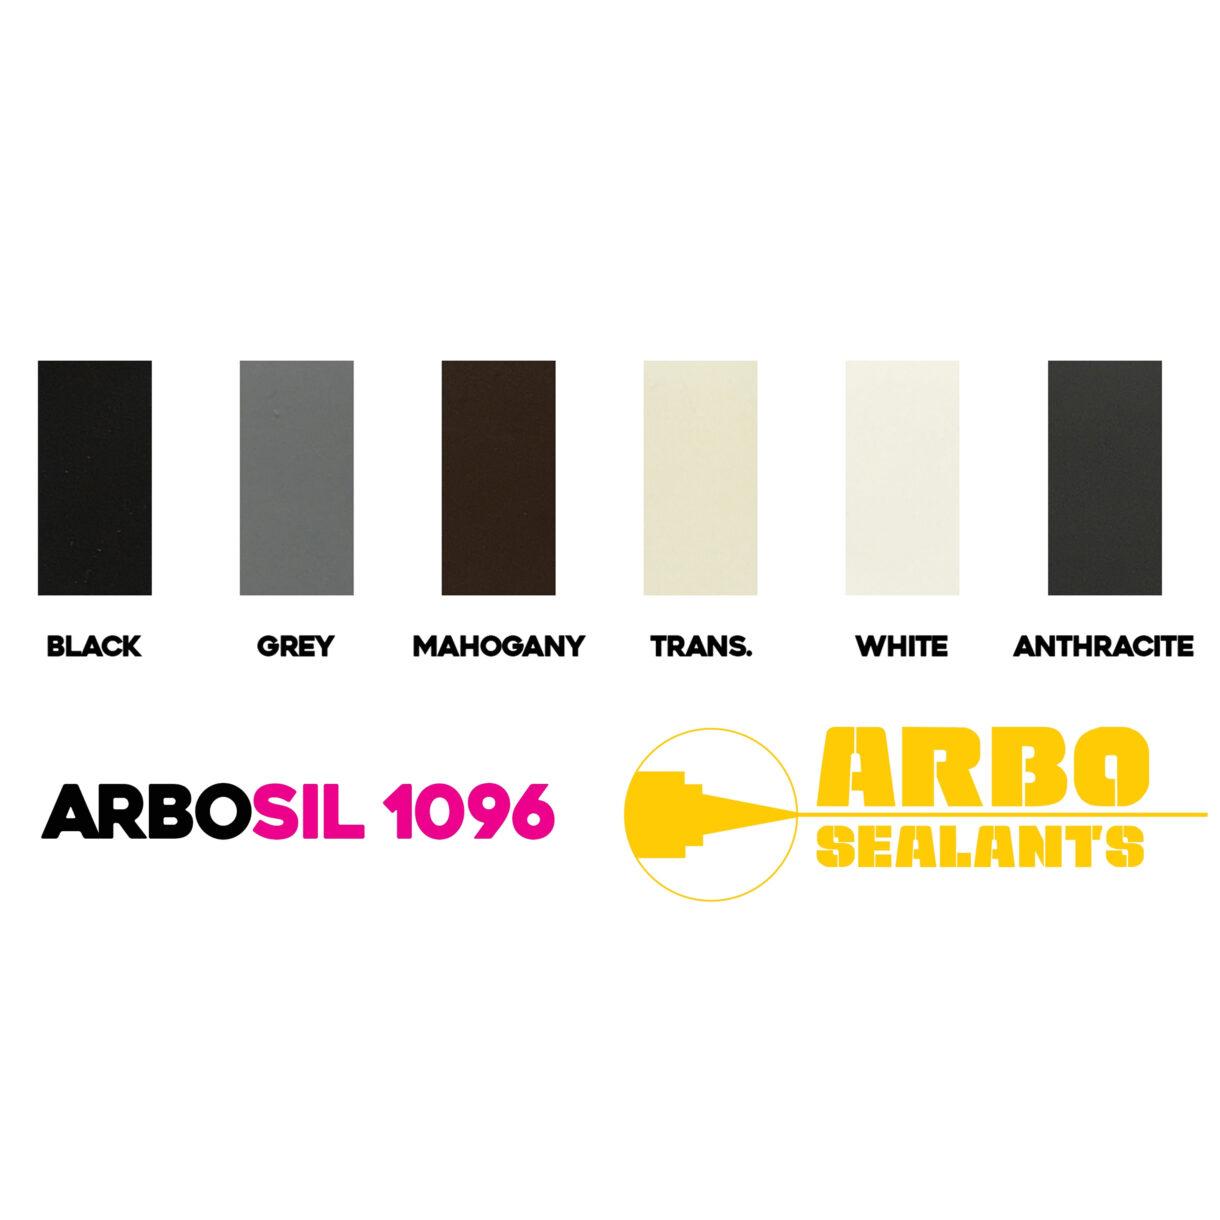 ARBOSIL 1096